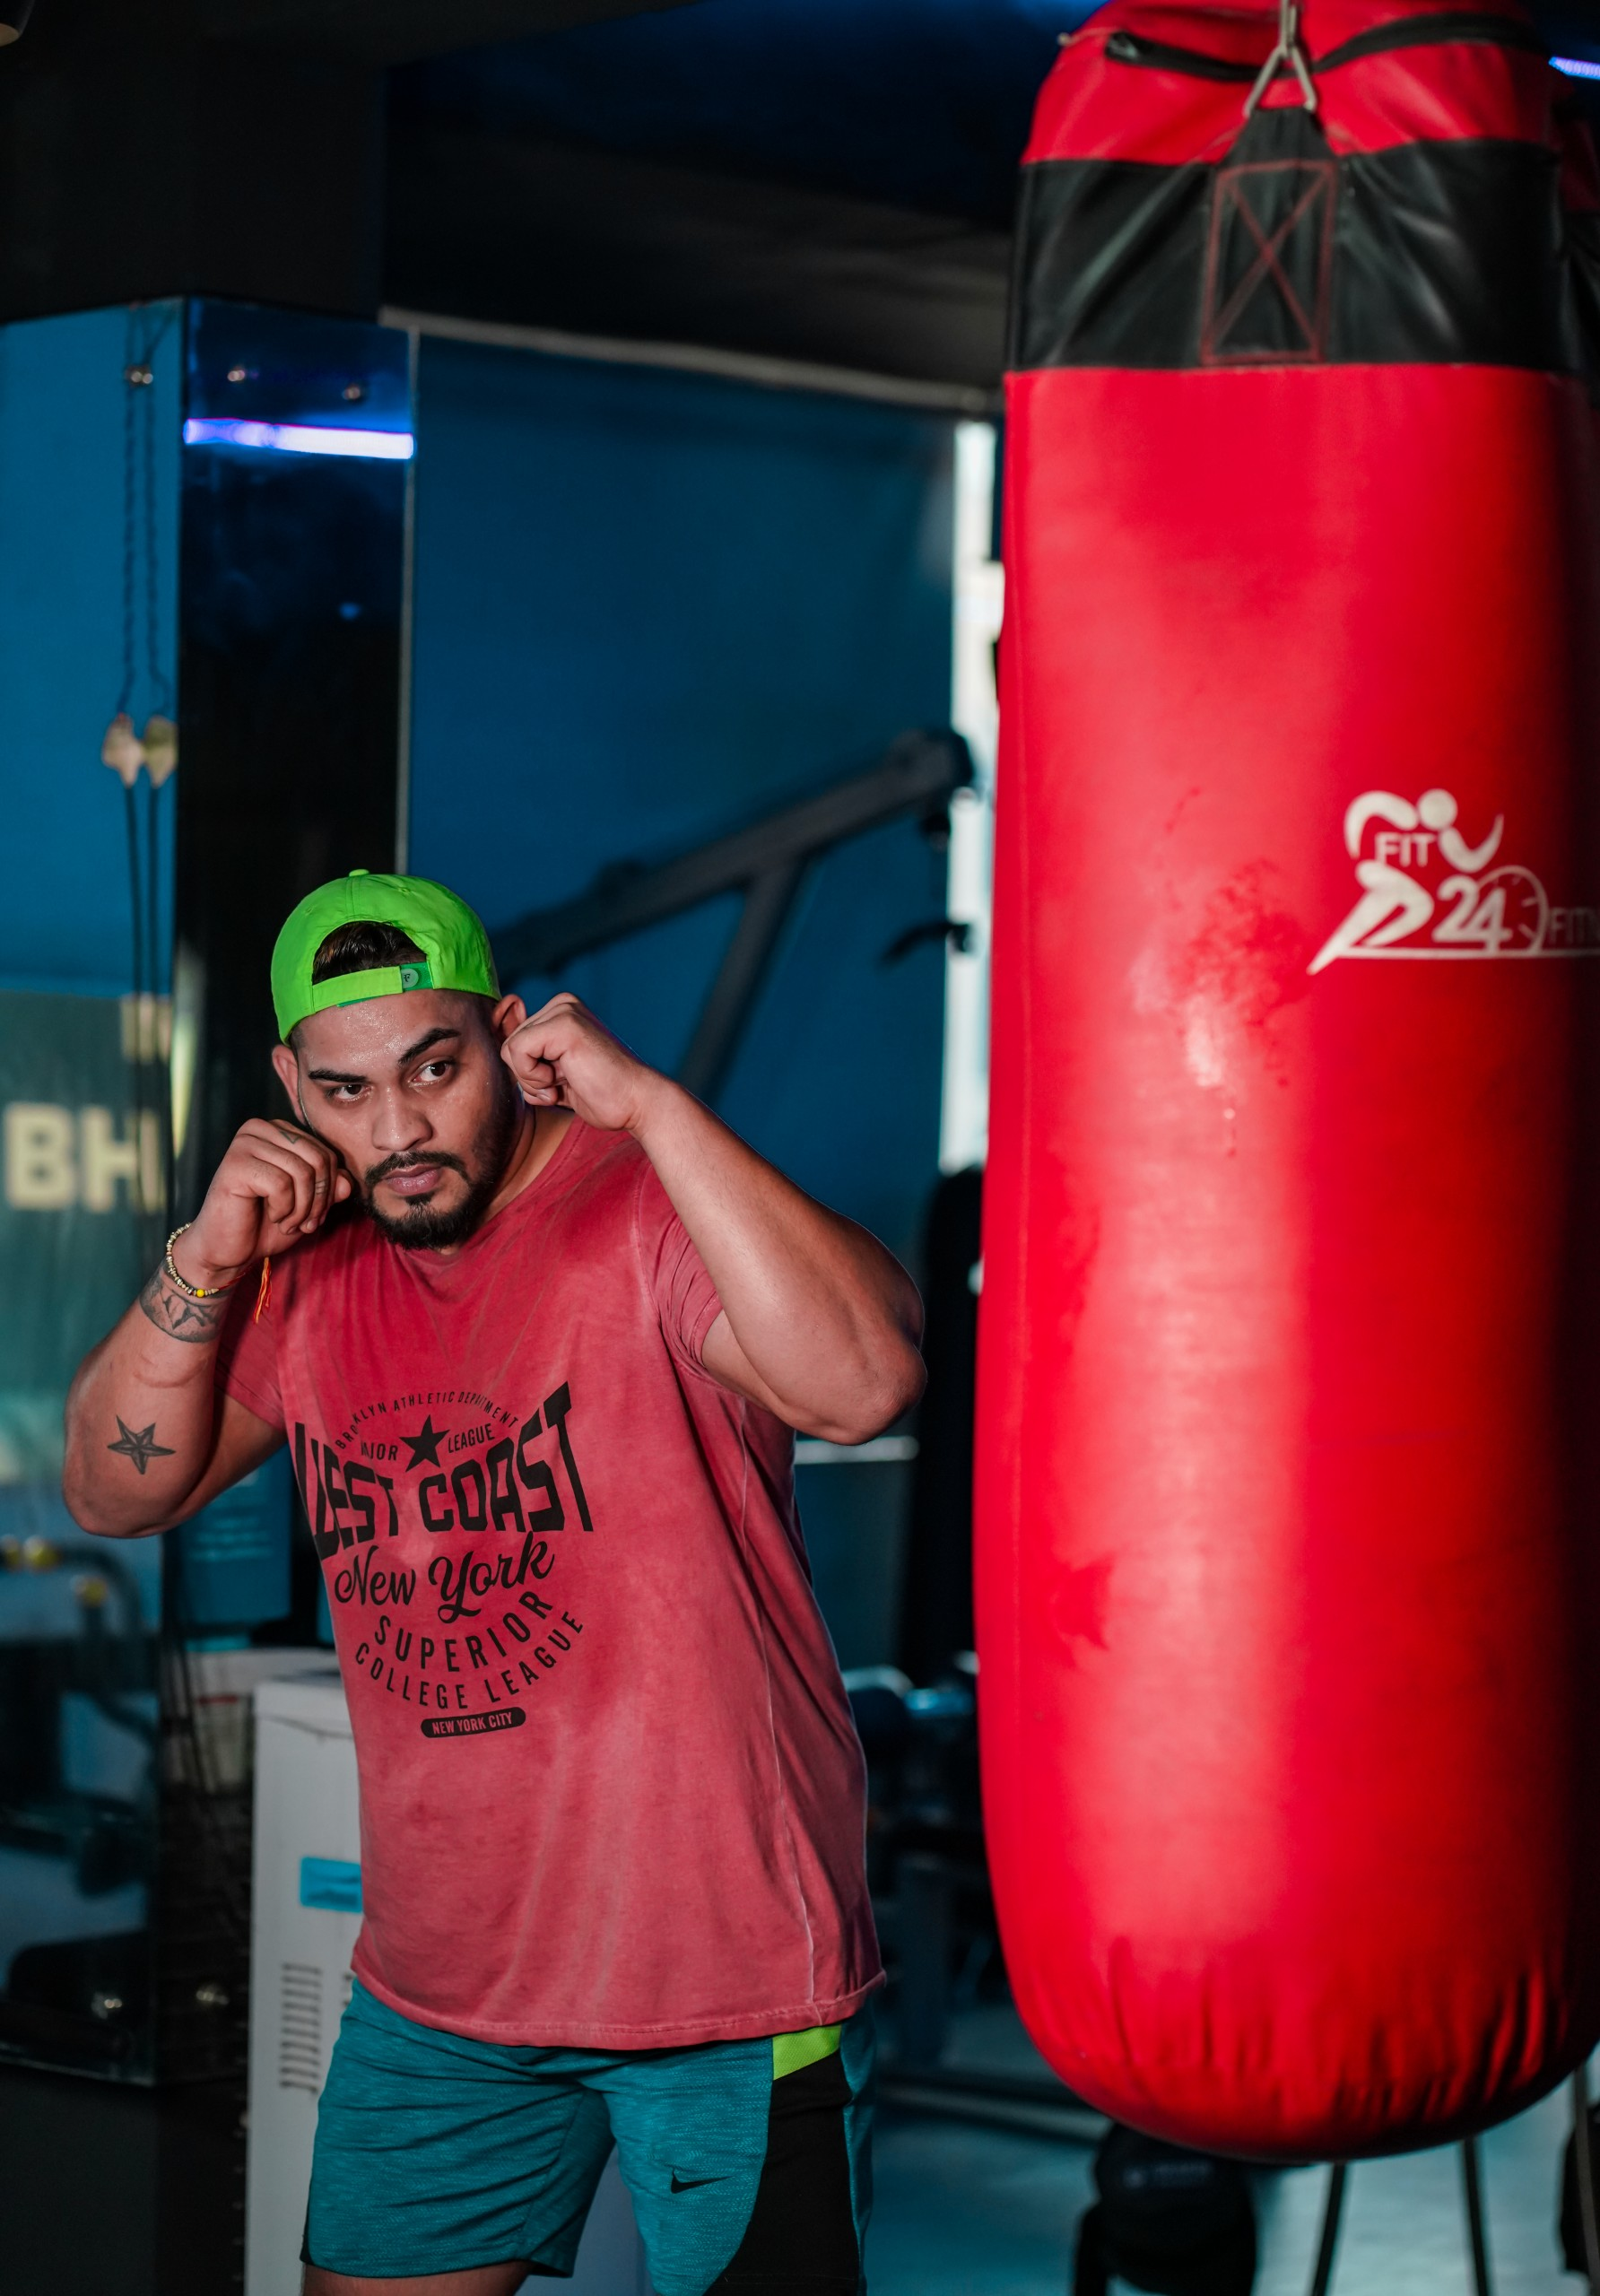 man punching the punching bag